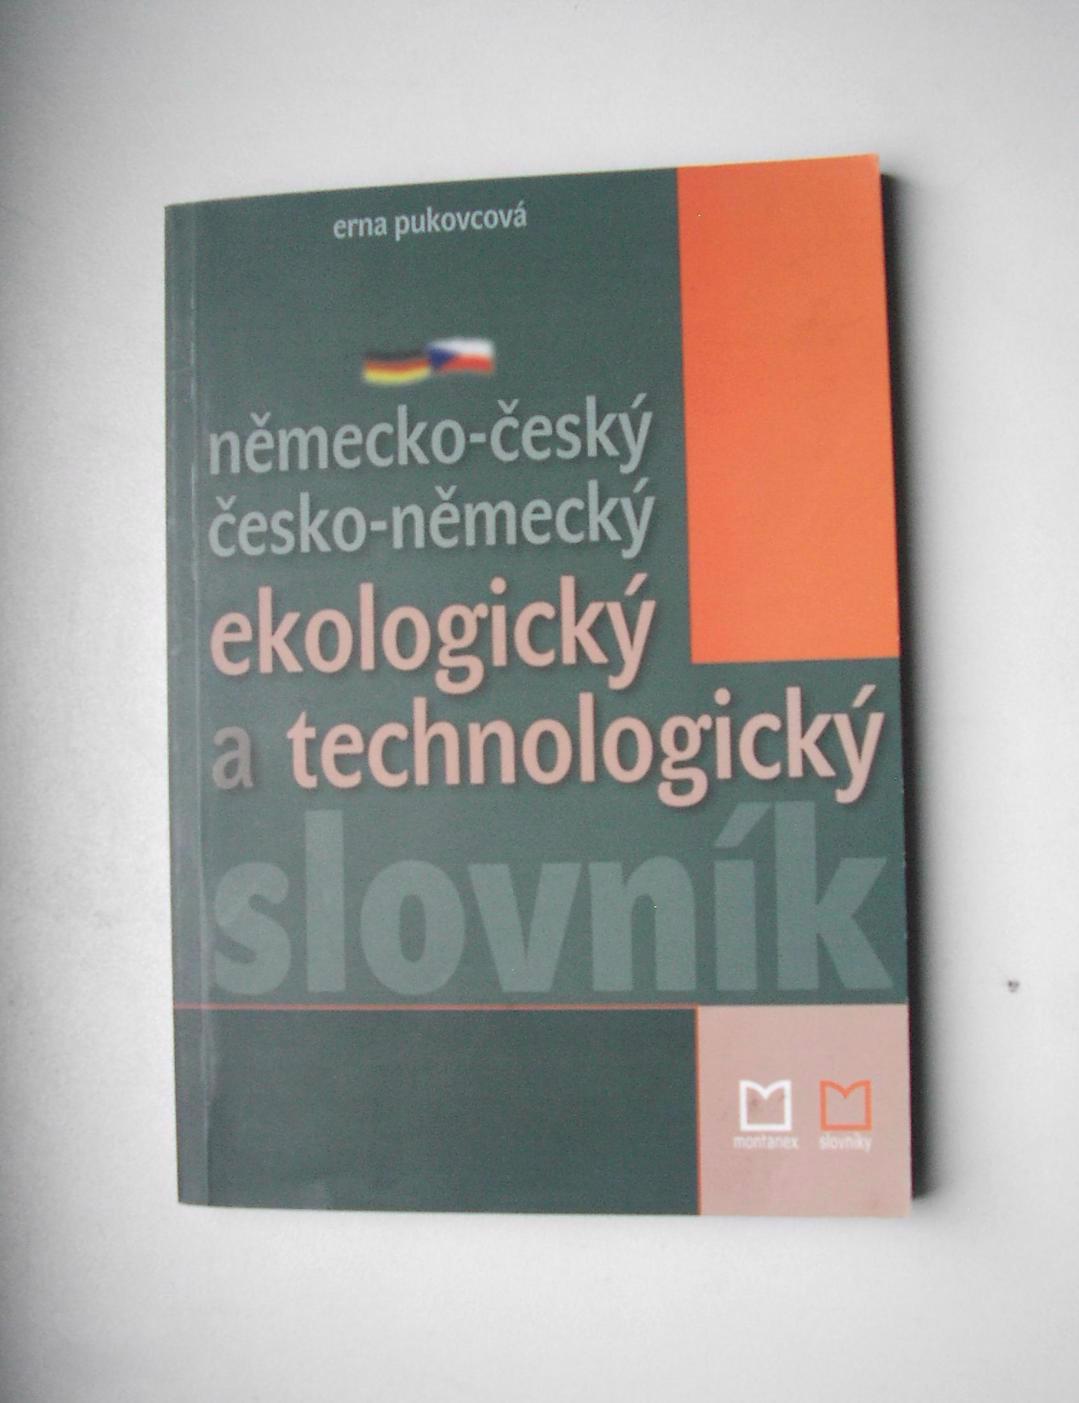 Německo-český / česko-něm. ekologický technologický slovník - foto 1